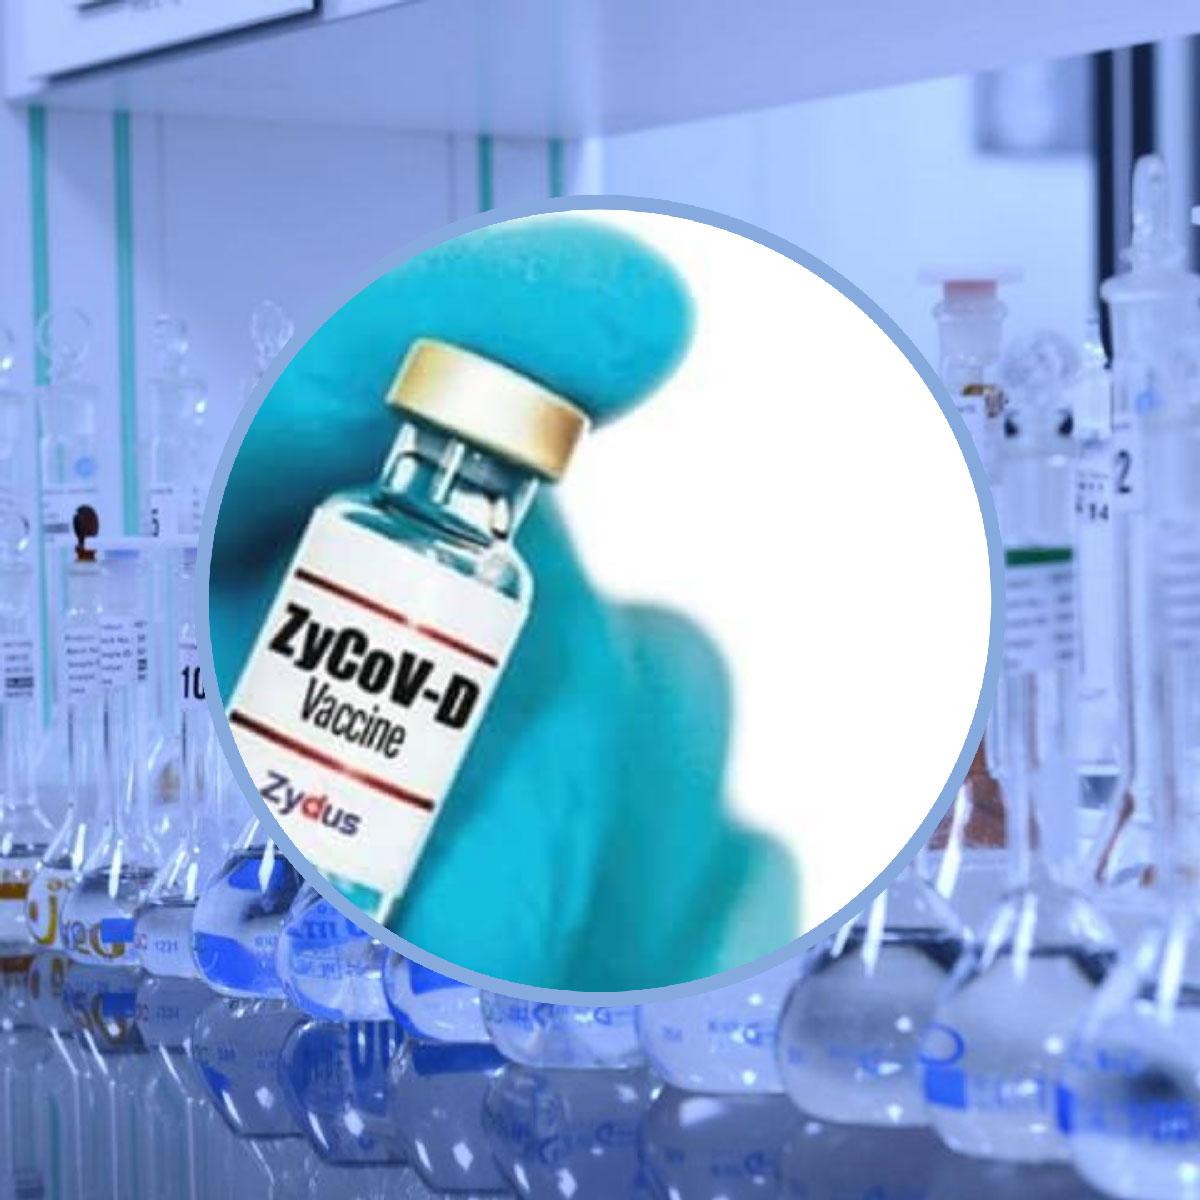 Vaccine information, ICMR New delhi - COVID-19 Vaccine